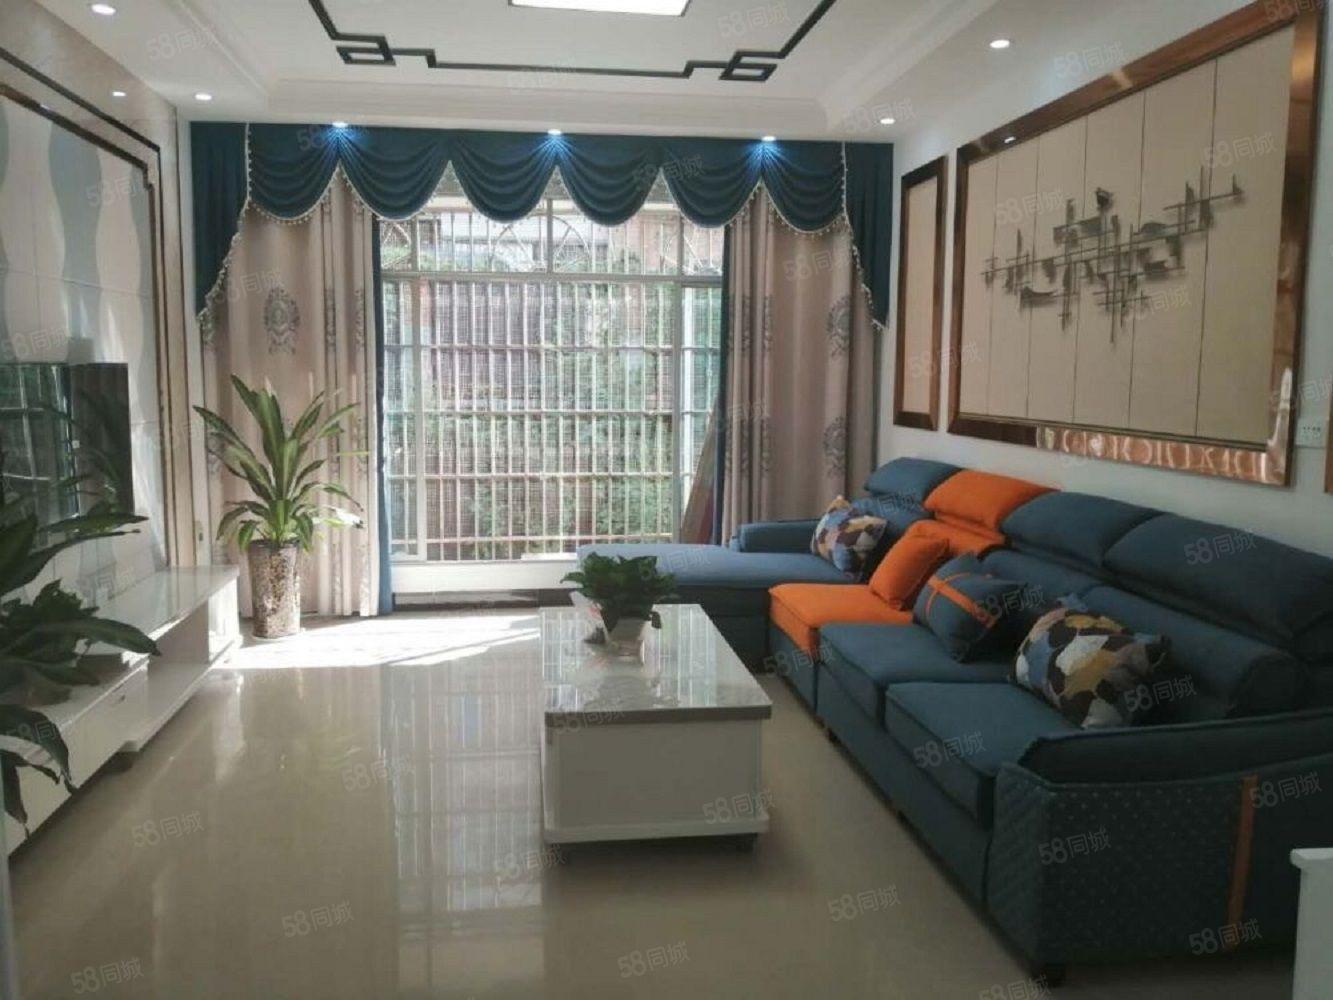 广二中附近,2楼精装修,可按揭,随时看房,看房打电话。